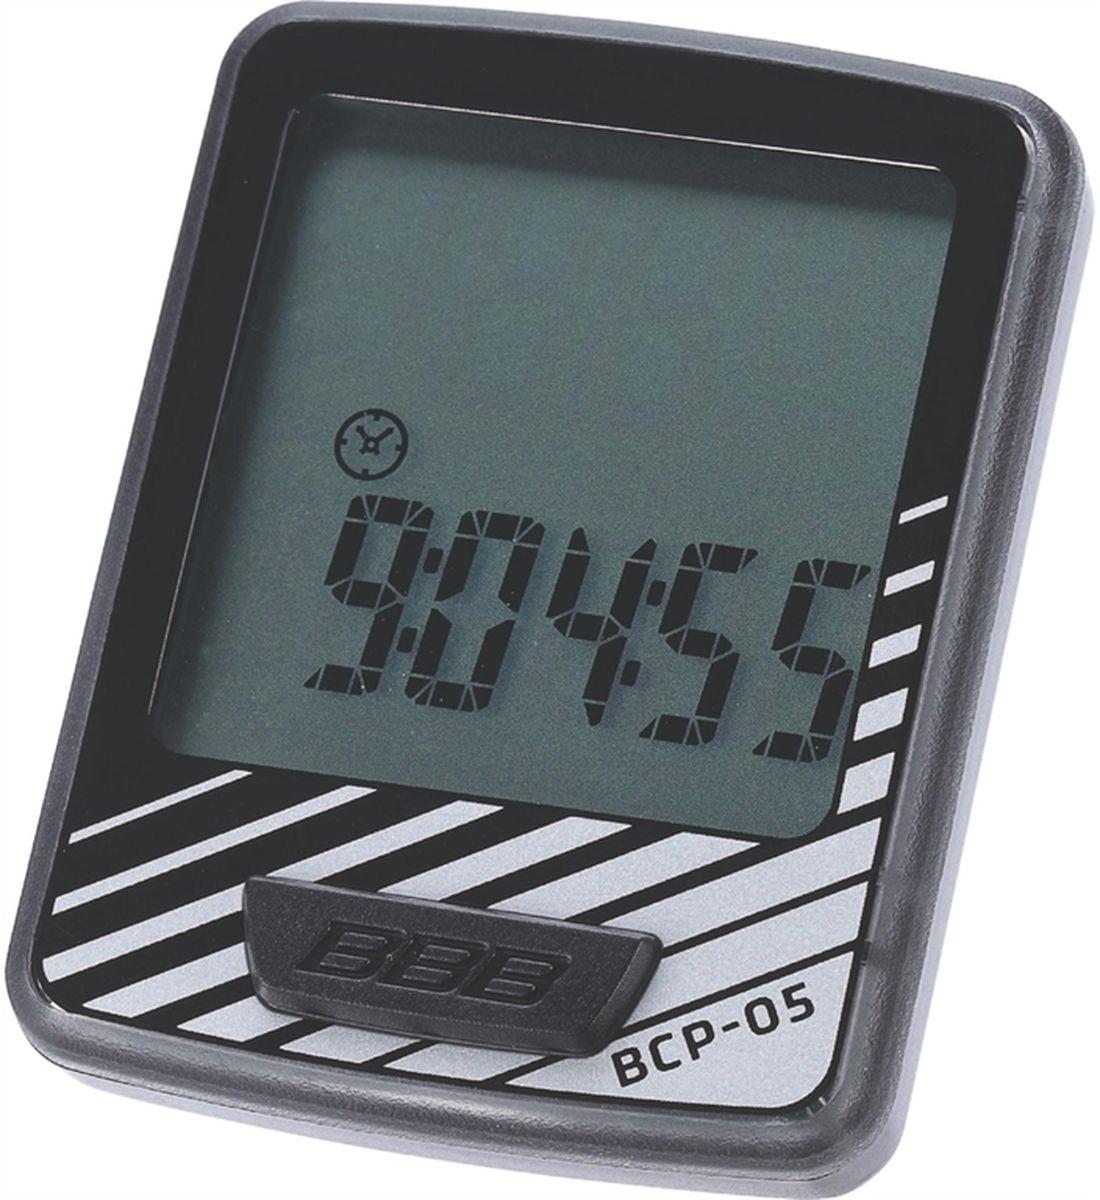 Велокомпьютер BBB DashBoard, 7 функций, цвет: черный, серыйBCP-05Велокомпьютер DashBoard стал, в своем роде, образцом для подражания. Появившись в линейке в 2006 году как простой и небольшой велокомпьютер с большим и легкочитаемым экраном, он эволюционировал в любимый прибор велосипедистов, которым нужна простая в использовании вещь без тысячи лишних функций. Когда пришло время обновить DashBoard, мы поставили во главу угла именно простоту дизайна и использования, в то же время, выведя оба этих параметра на новый уровень. Общий размер велокомпьютера уменьшился за счет верхней части корпуса. Но сам размер экрана остался без изменений - 32 на 32мм, позволяющие легко считывать информацию. Управление одной кнопкой также было сохранено в новой версии. Упрощение конструкции осзначает также меньшее количество швов и лучшую влагозащиту. Так что, DashBoard стал лучше, но остался тем же самым верным другом и помочником, что и был. Проводной компьютер с 7 функциями: Текущая скорость Расстояние поездки Одометр ...